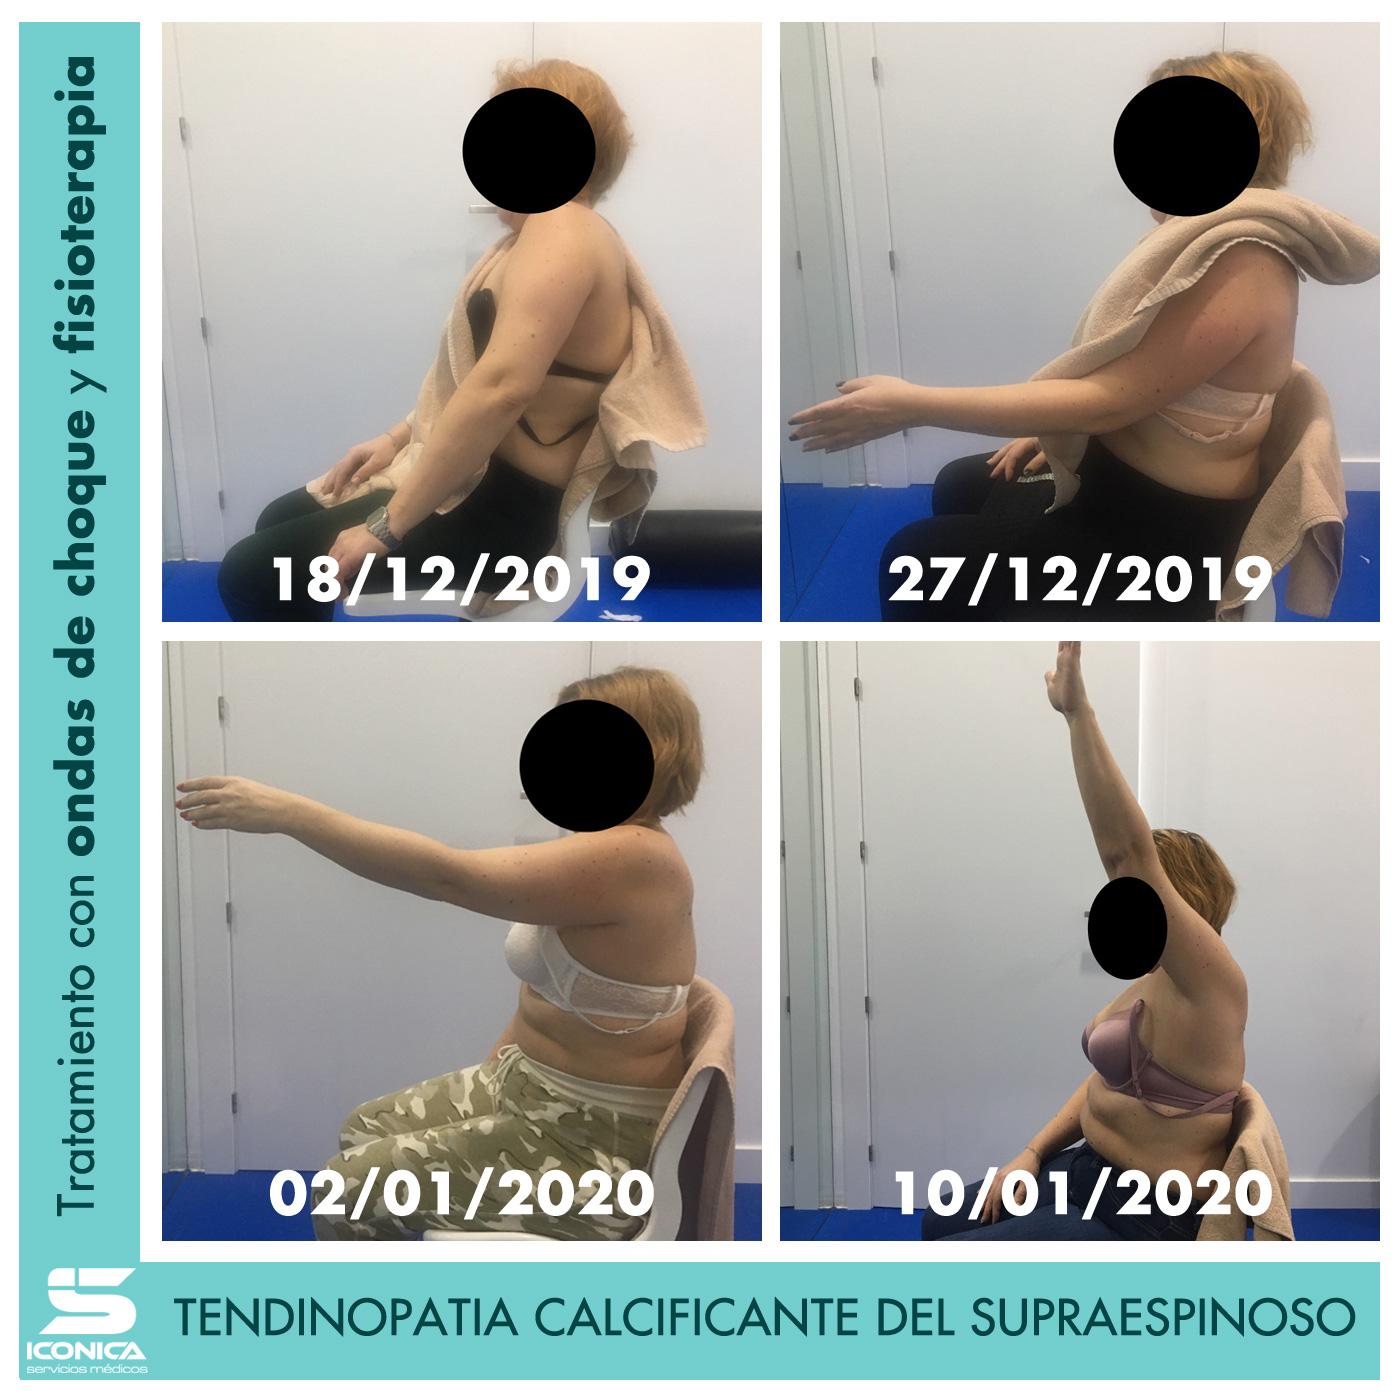 Tratamiento-de-una-tendinopatía-calcificante-del-supraespinoso